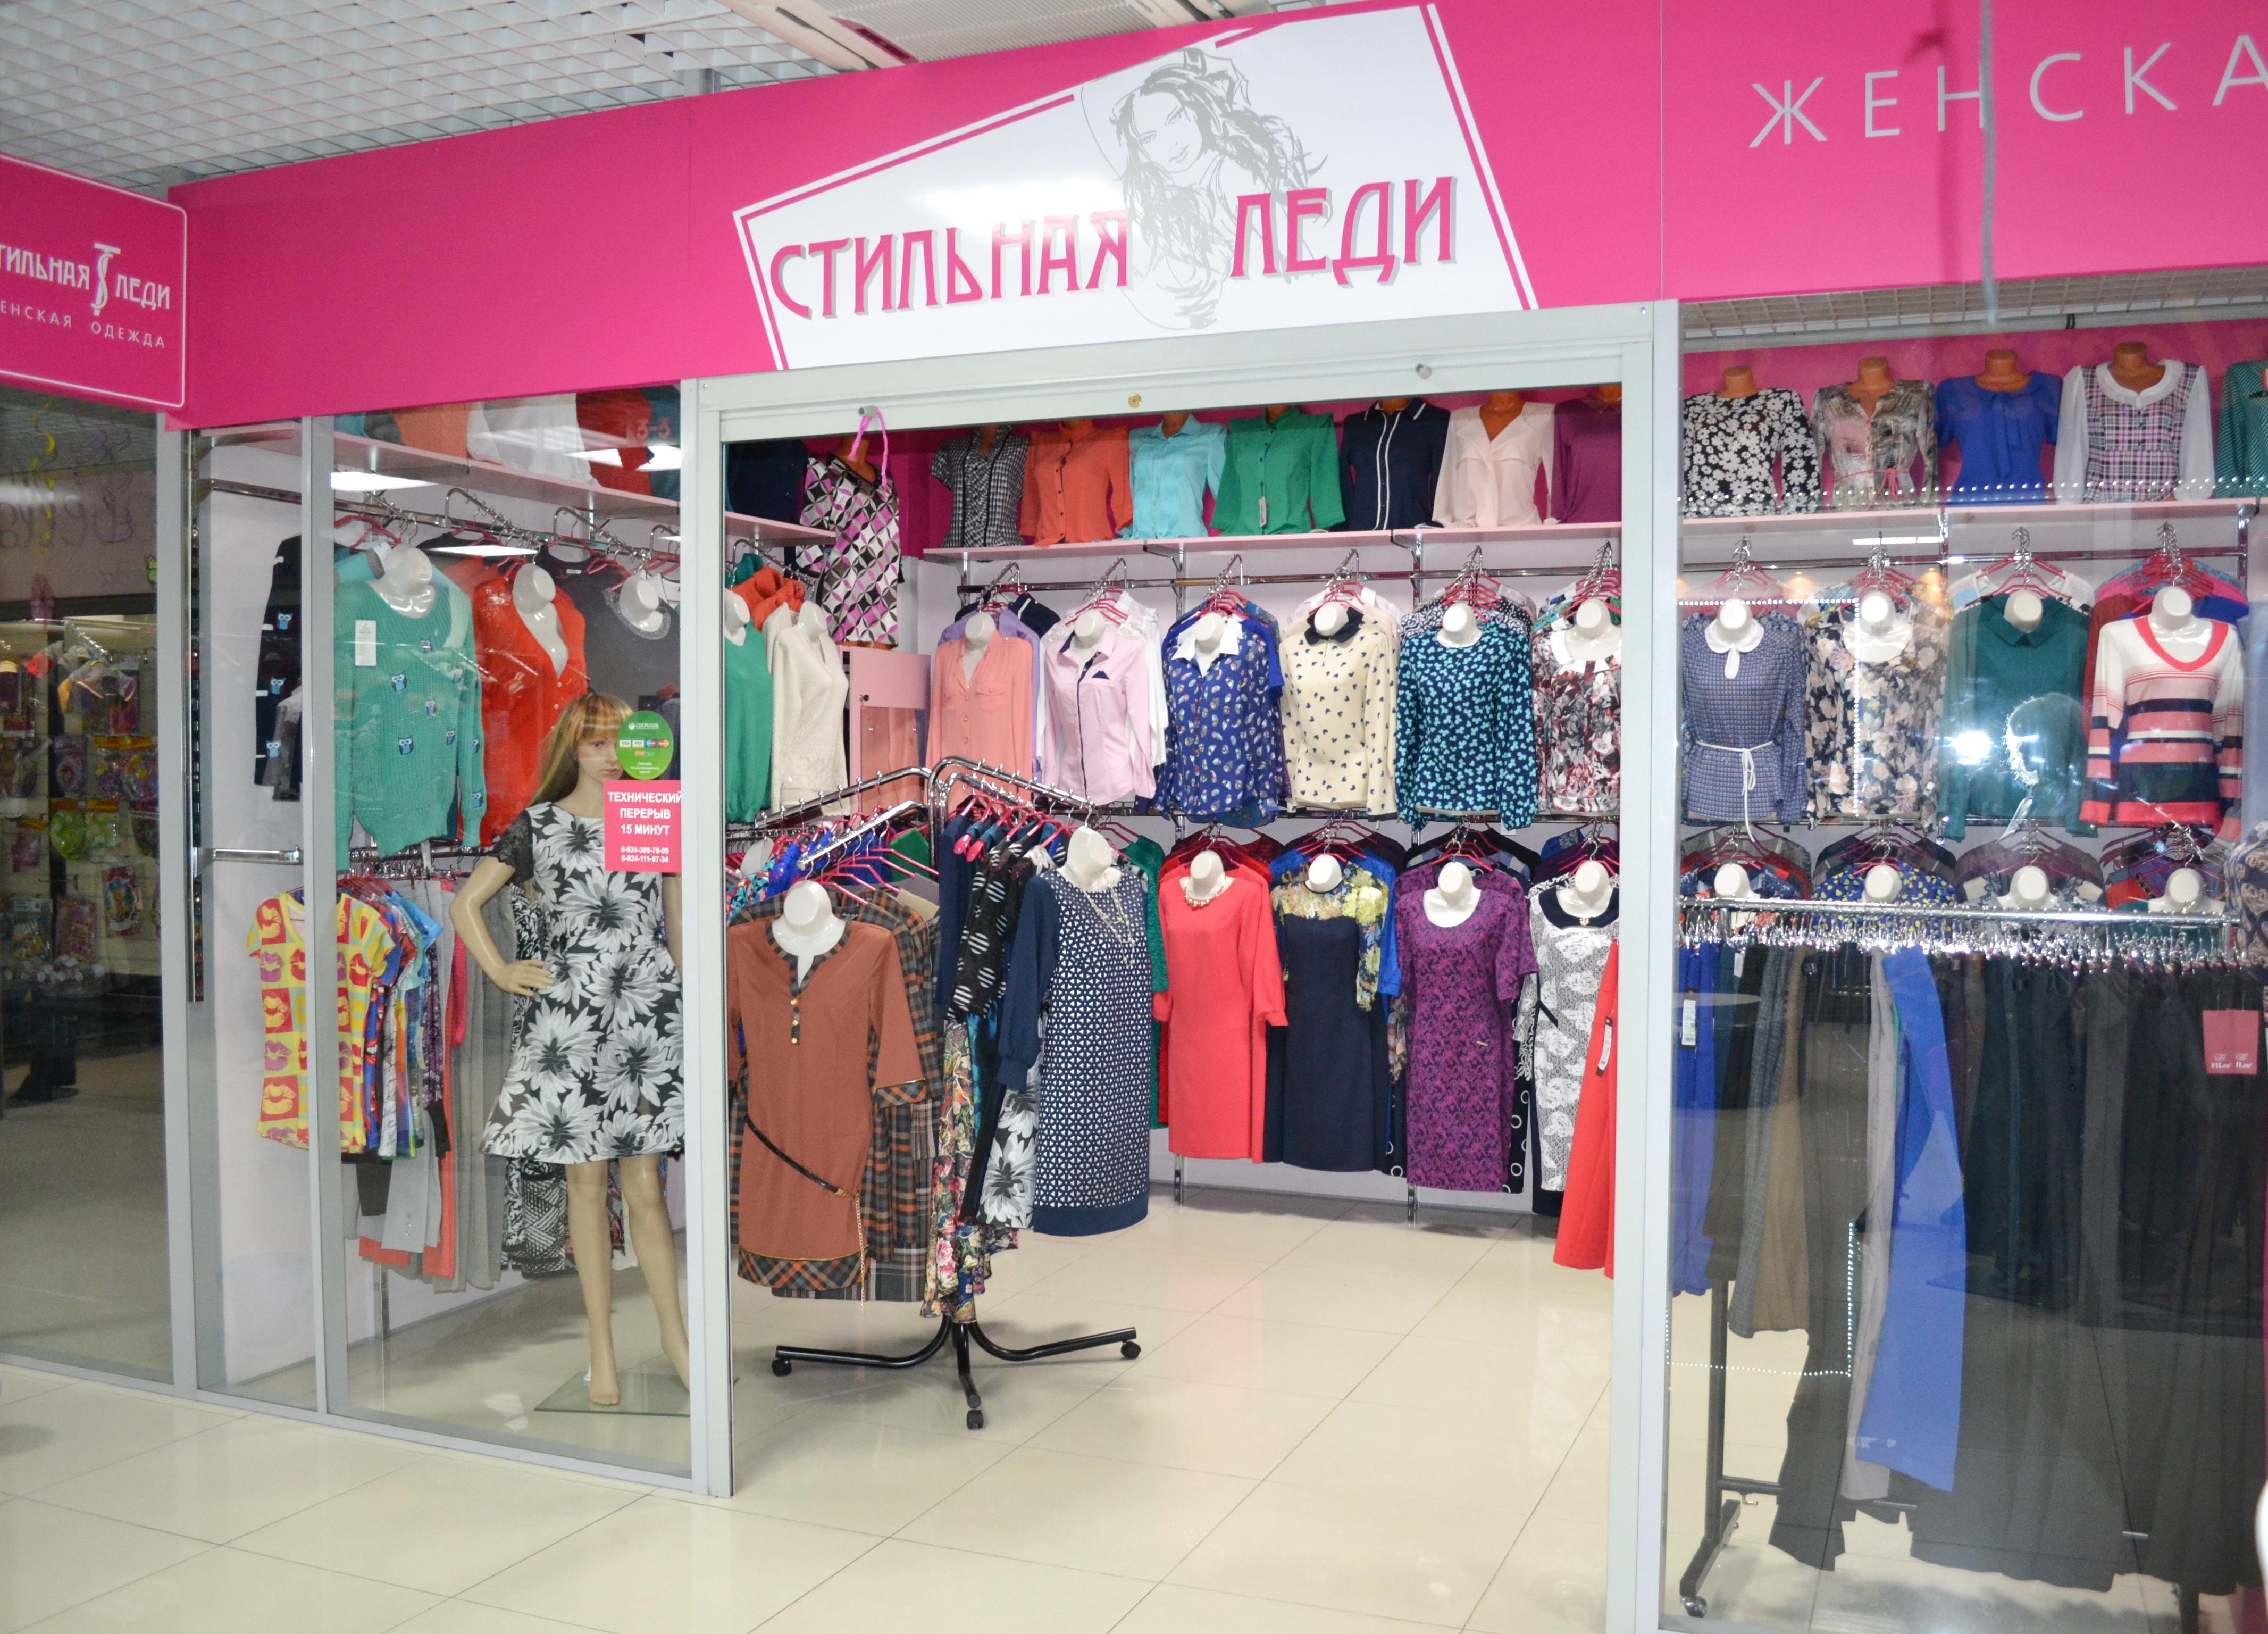 Магазин Женской Одежды Леди Стерлитамак